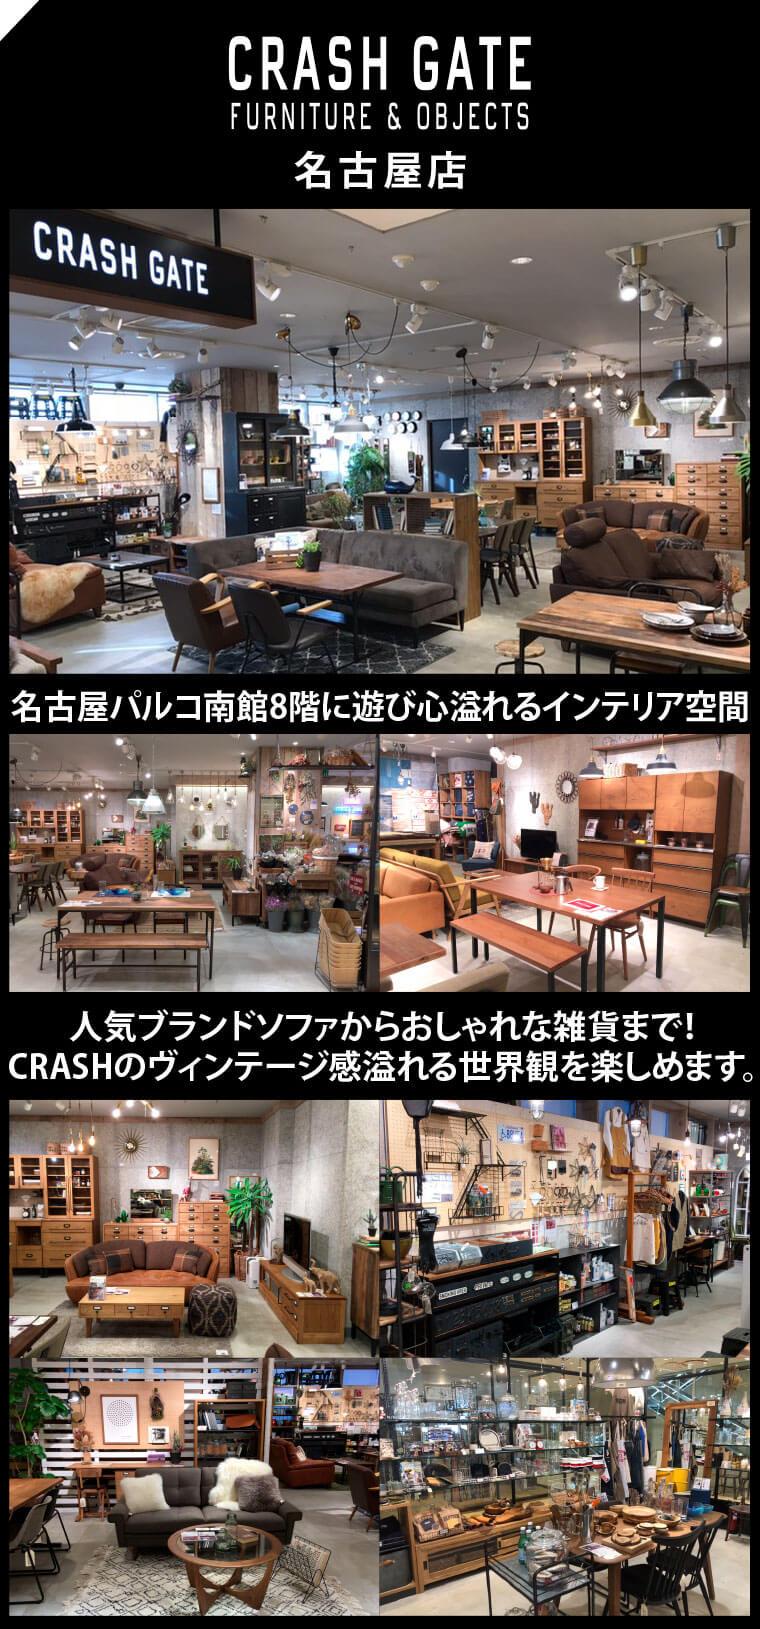 クラッシュゲート名古屋店